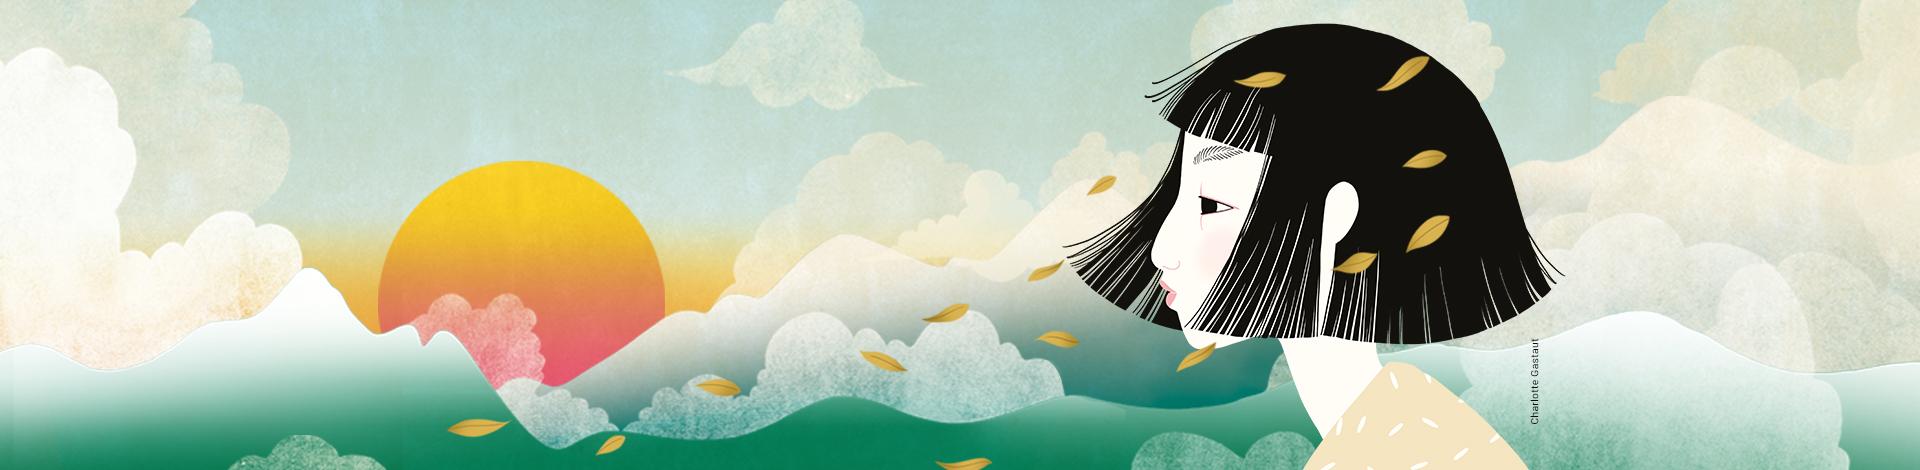 Cinéma d'animation // Les temps forts de l'école au festival d'Annecy 2019